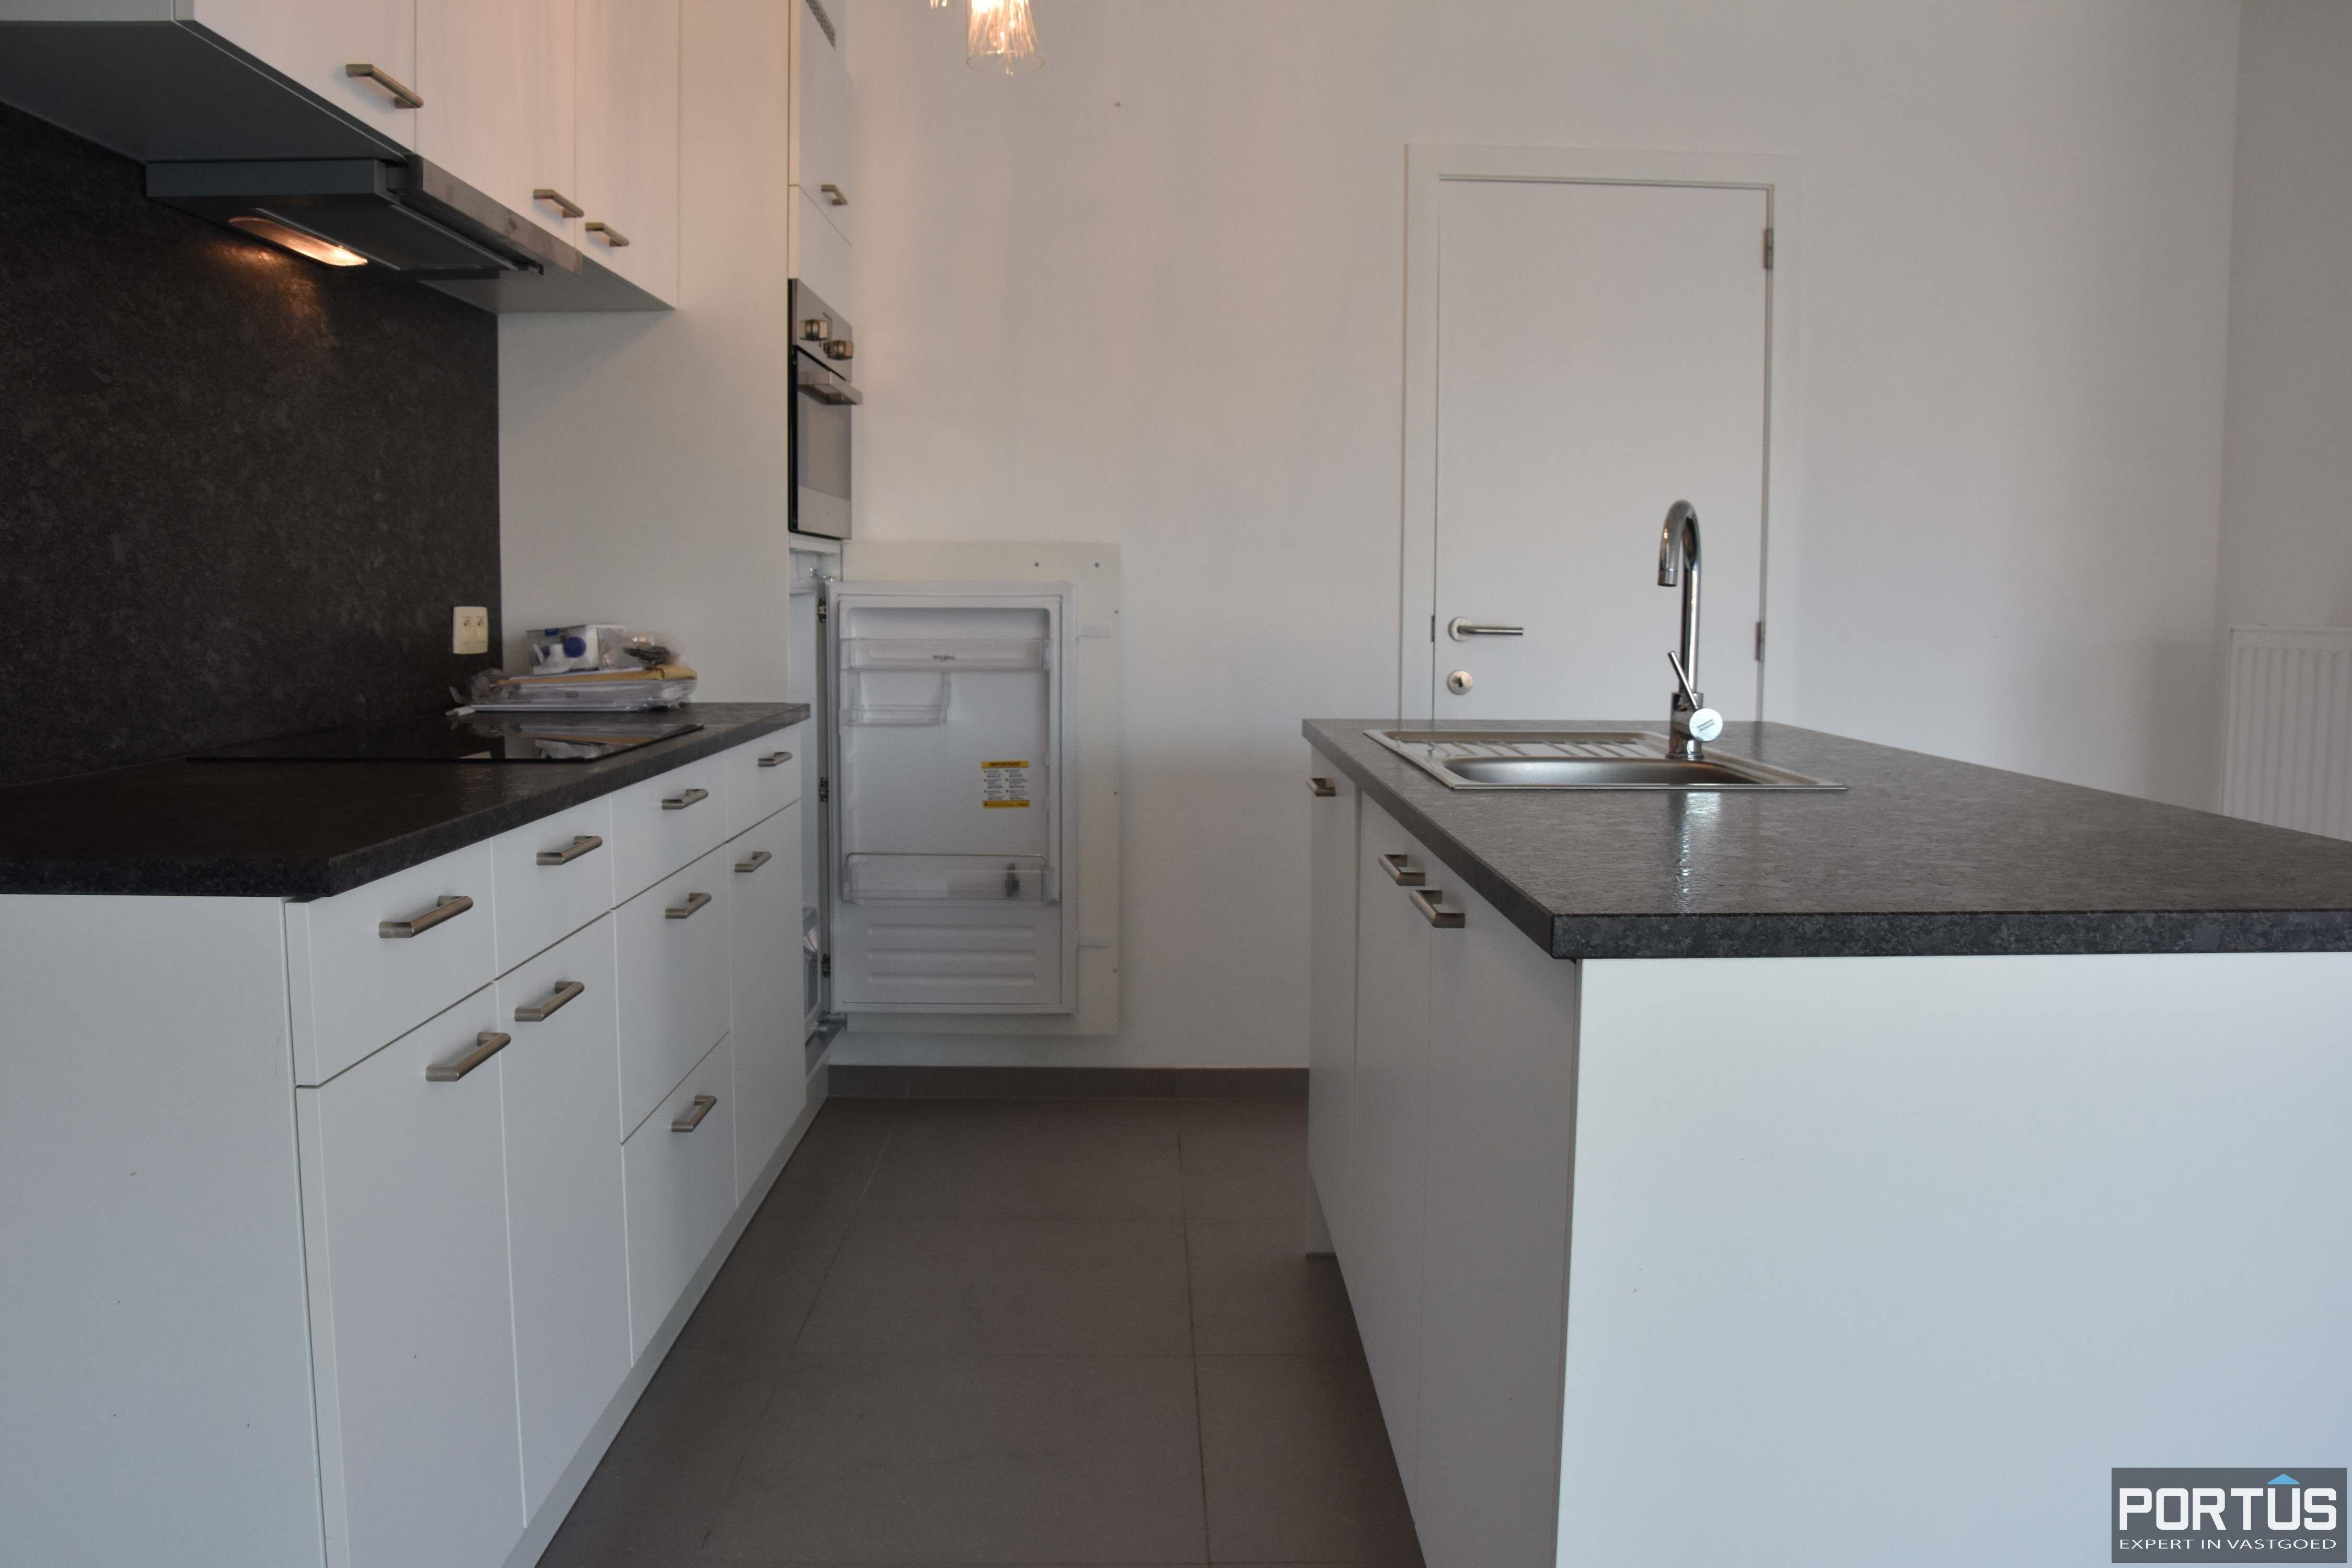 Recent appartement te huur met 3 slaapkamers, kelderberging en parking - 11124